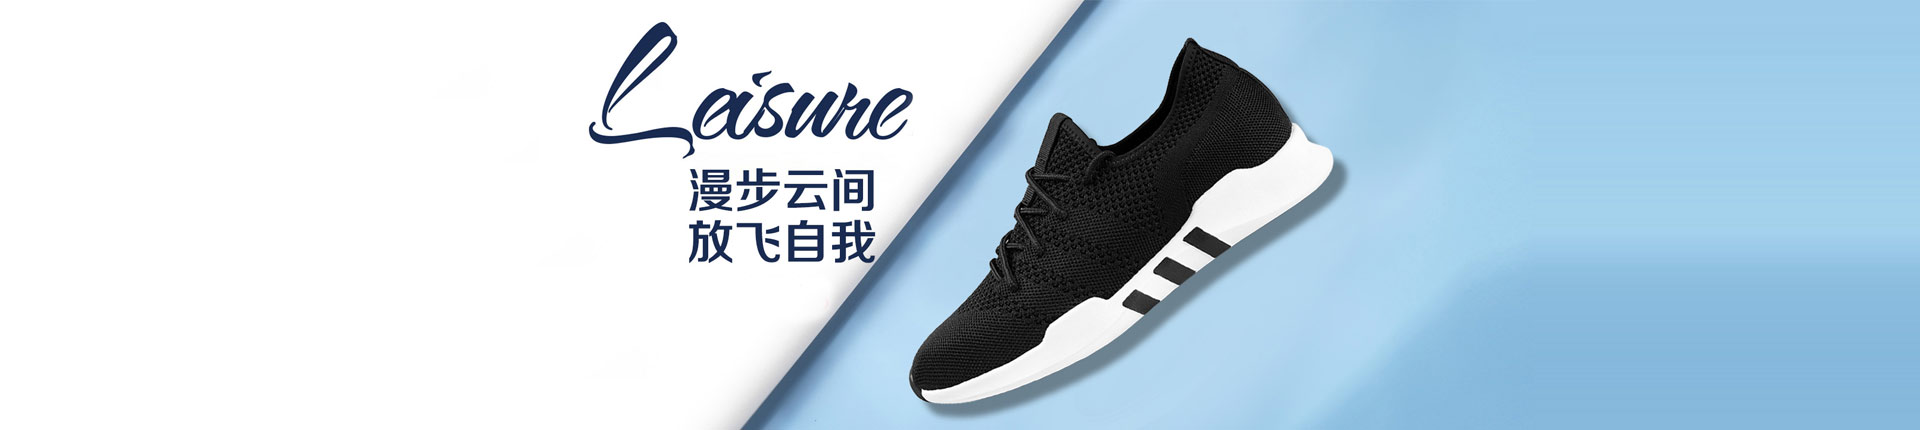 高尼增高鞋官方网站